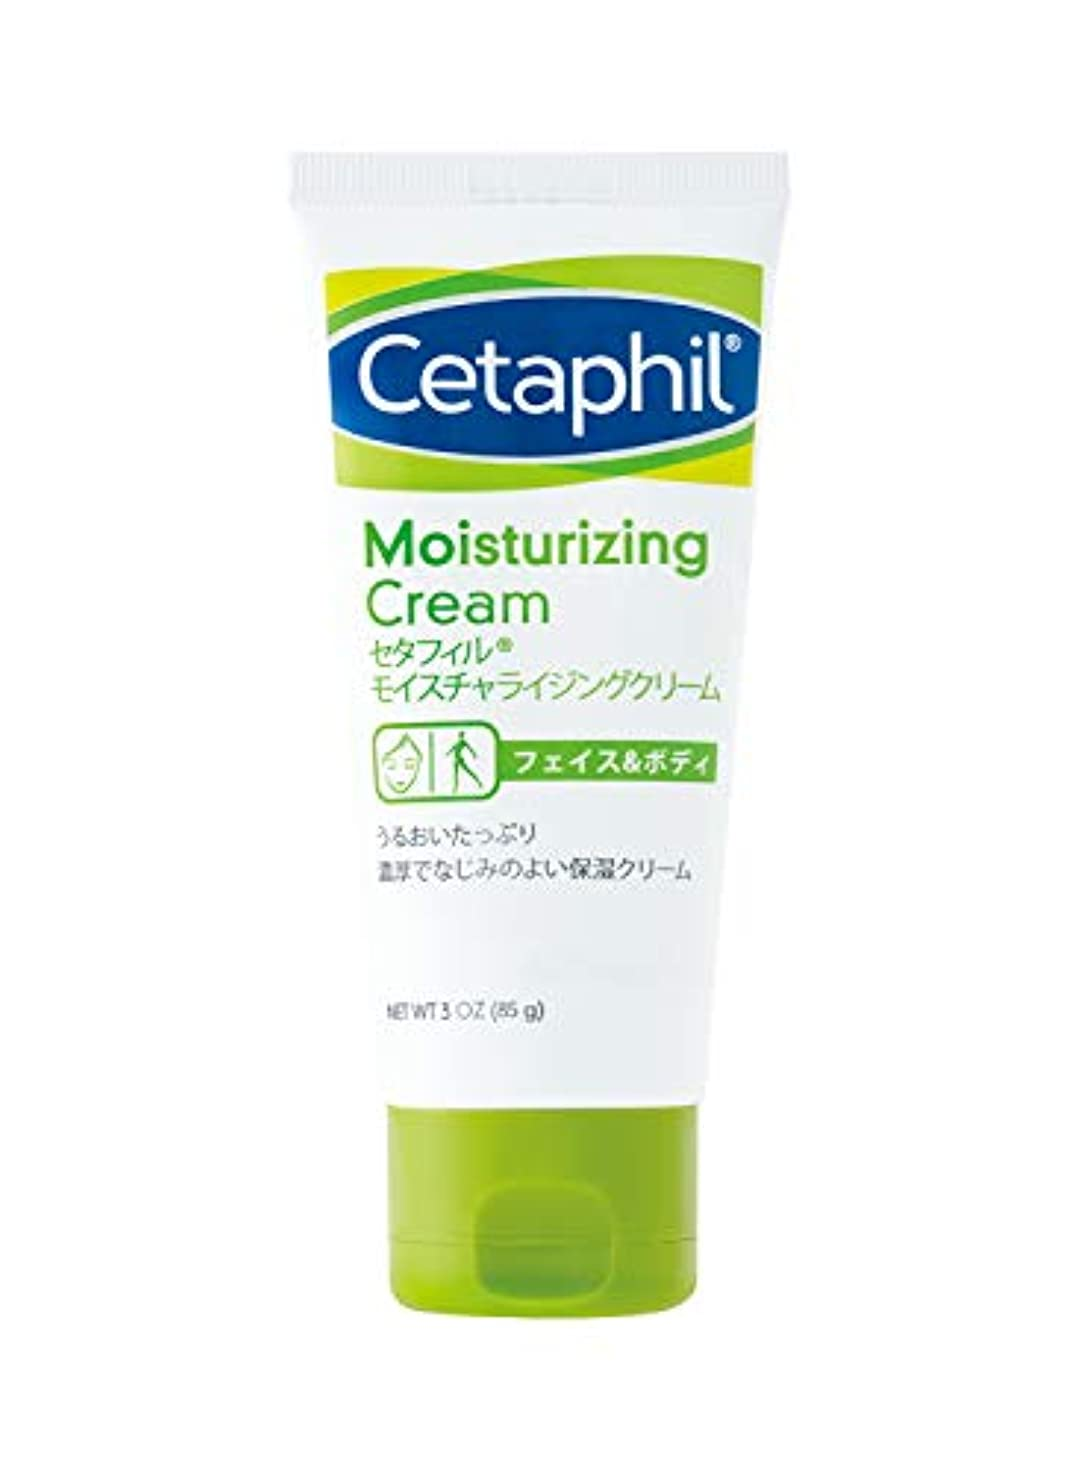 放射能のホスト衰えるセタフィル Cetaphil ® モイスチャライジングクリーム 85g ( フェイス & ボディ 保湿クリーム クリーム )